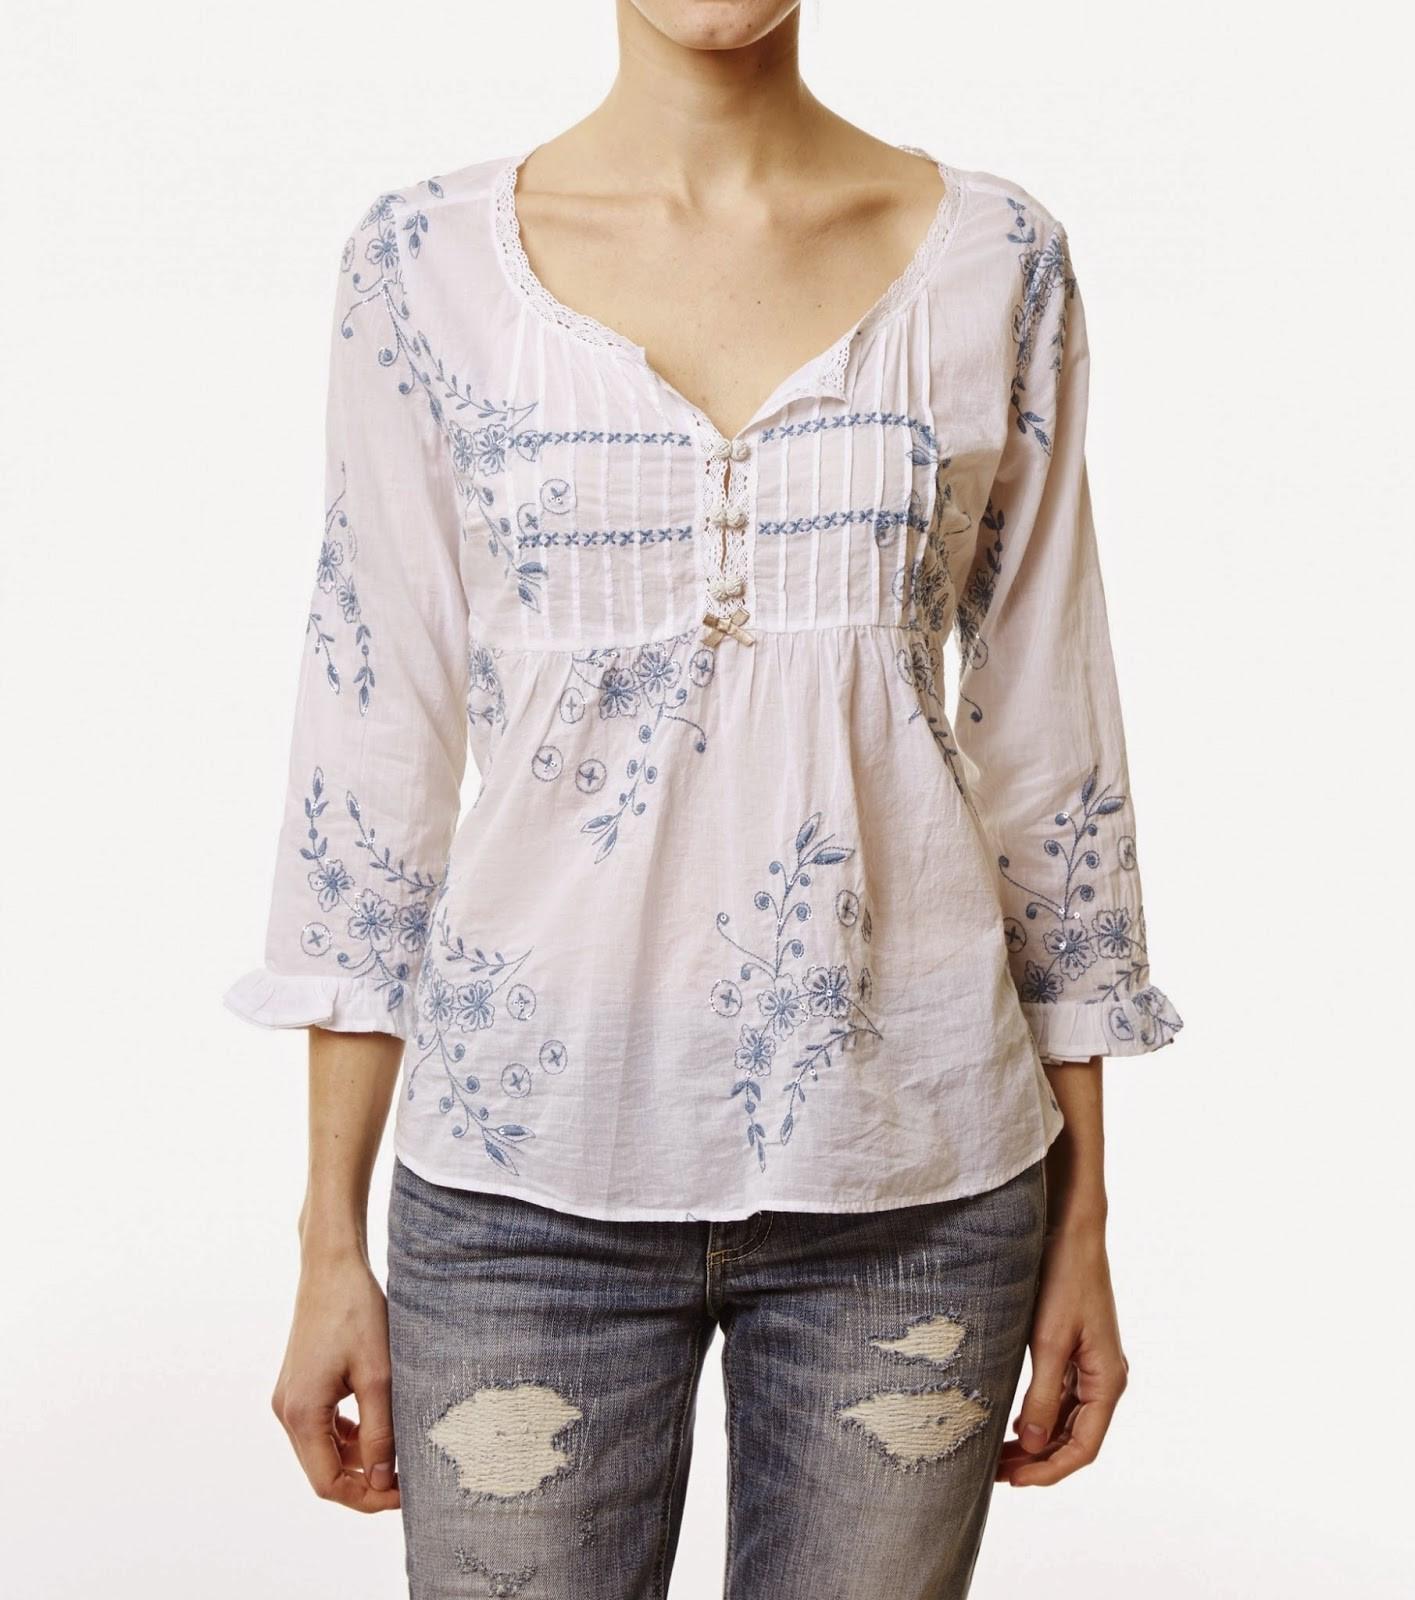 Odd Molly LOOKING FEELING GOOD BLOUSE - Askim  - Odd Molly helt nydelig sparkly blouse i str 3 . Meget Pent brukt .Pris 400 ,-Vennligst ta kontakt via epost ;-)  Kjøper betaler frakt. Ingen retur. Se gjerne mine andre annonser. - Askim